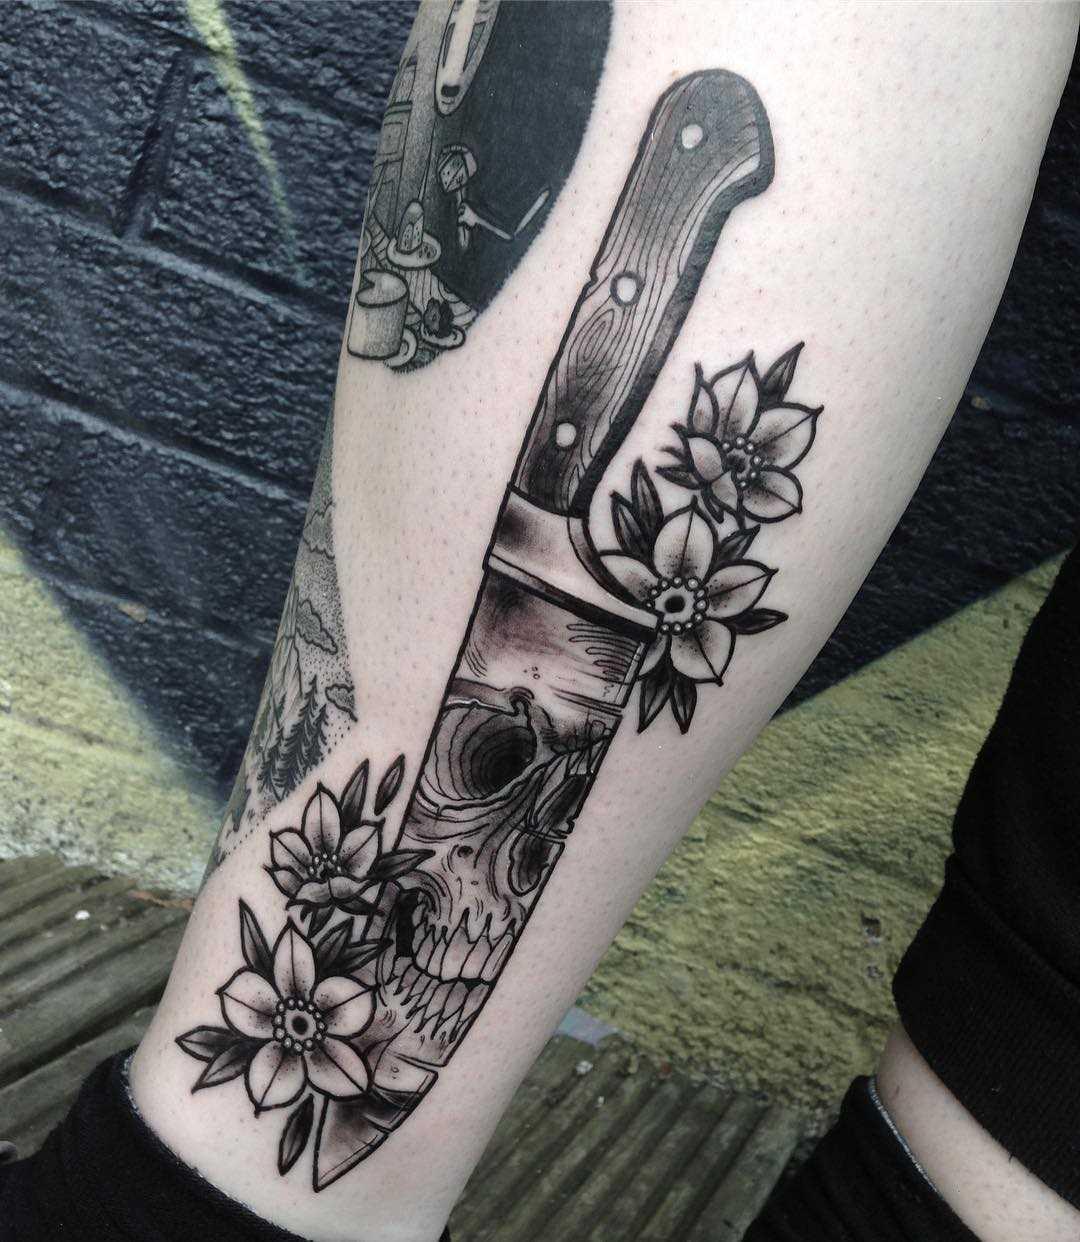 A tatuagem de uma faca com uma caveira e flores sobre a perna da mulher